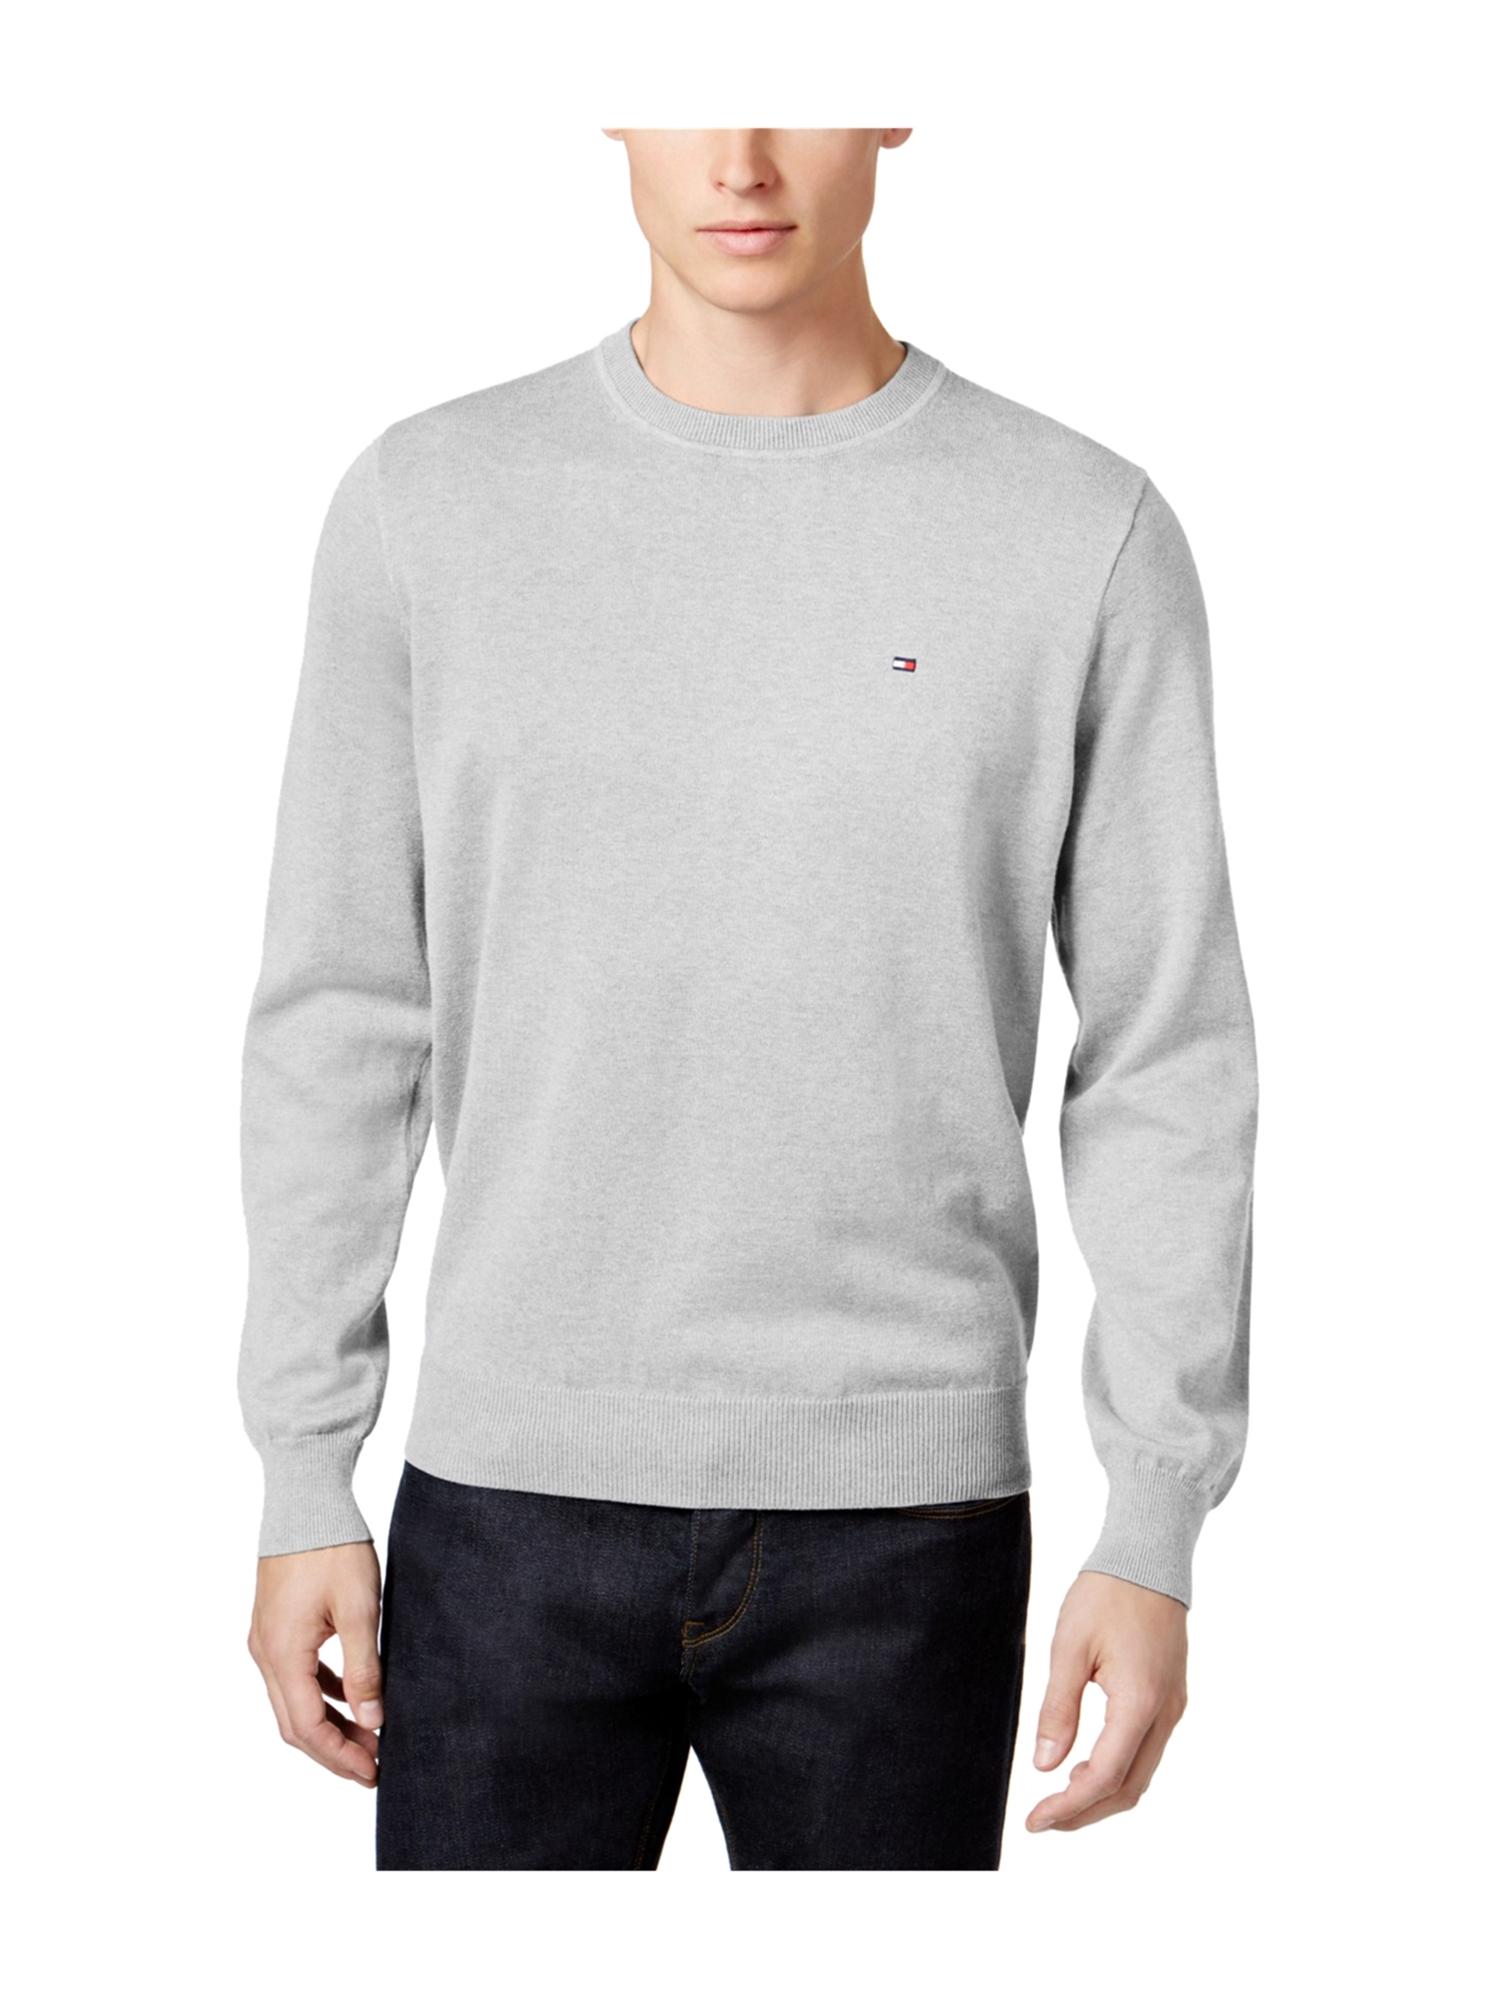 Tommy Hilfiger Mens Crew Neck Sweatshirt